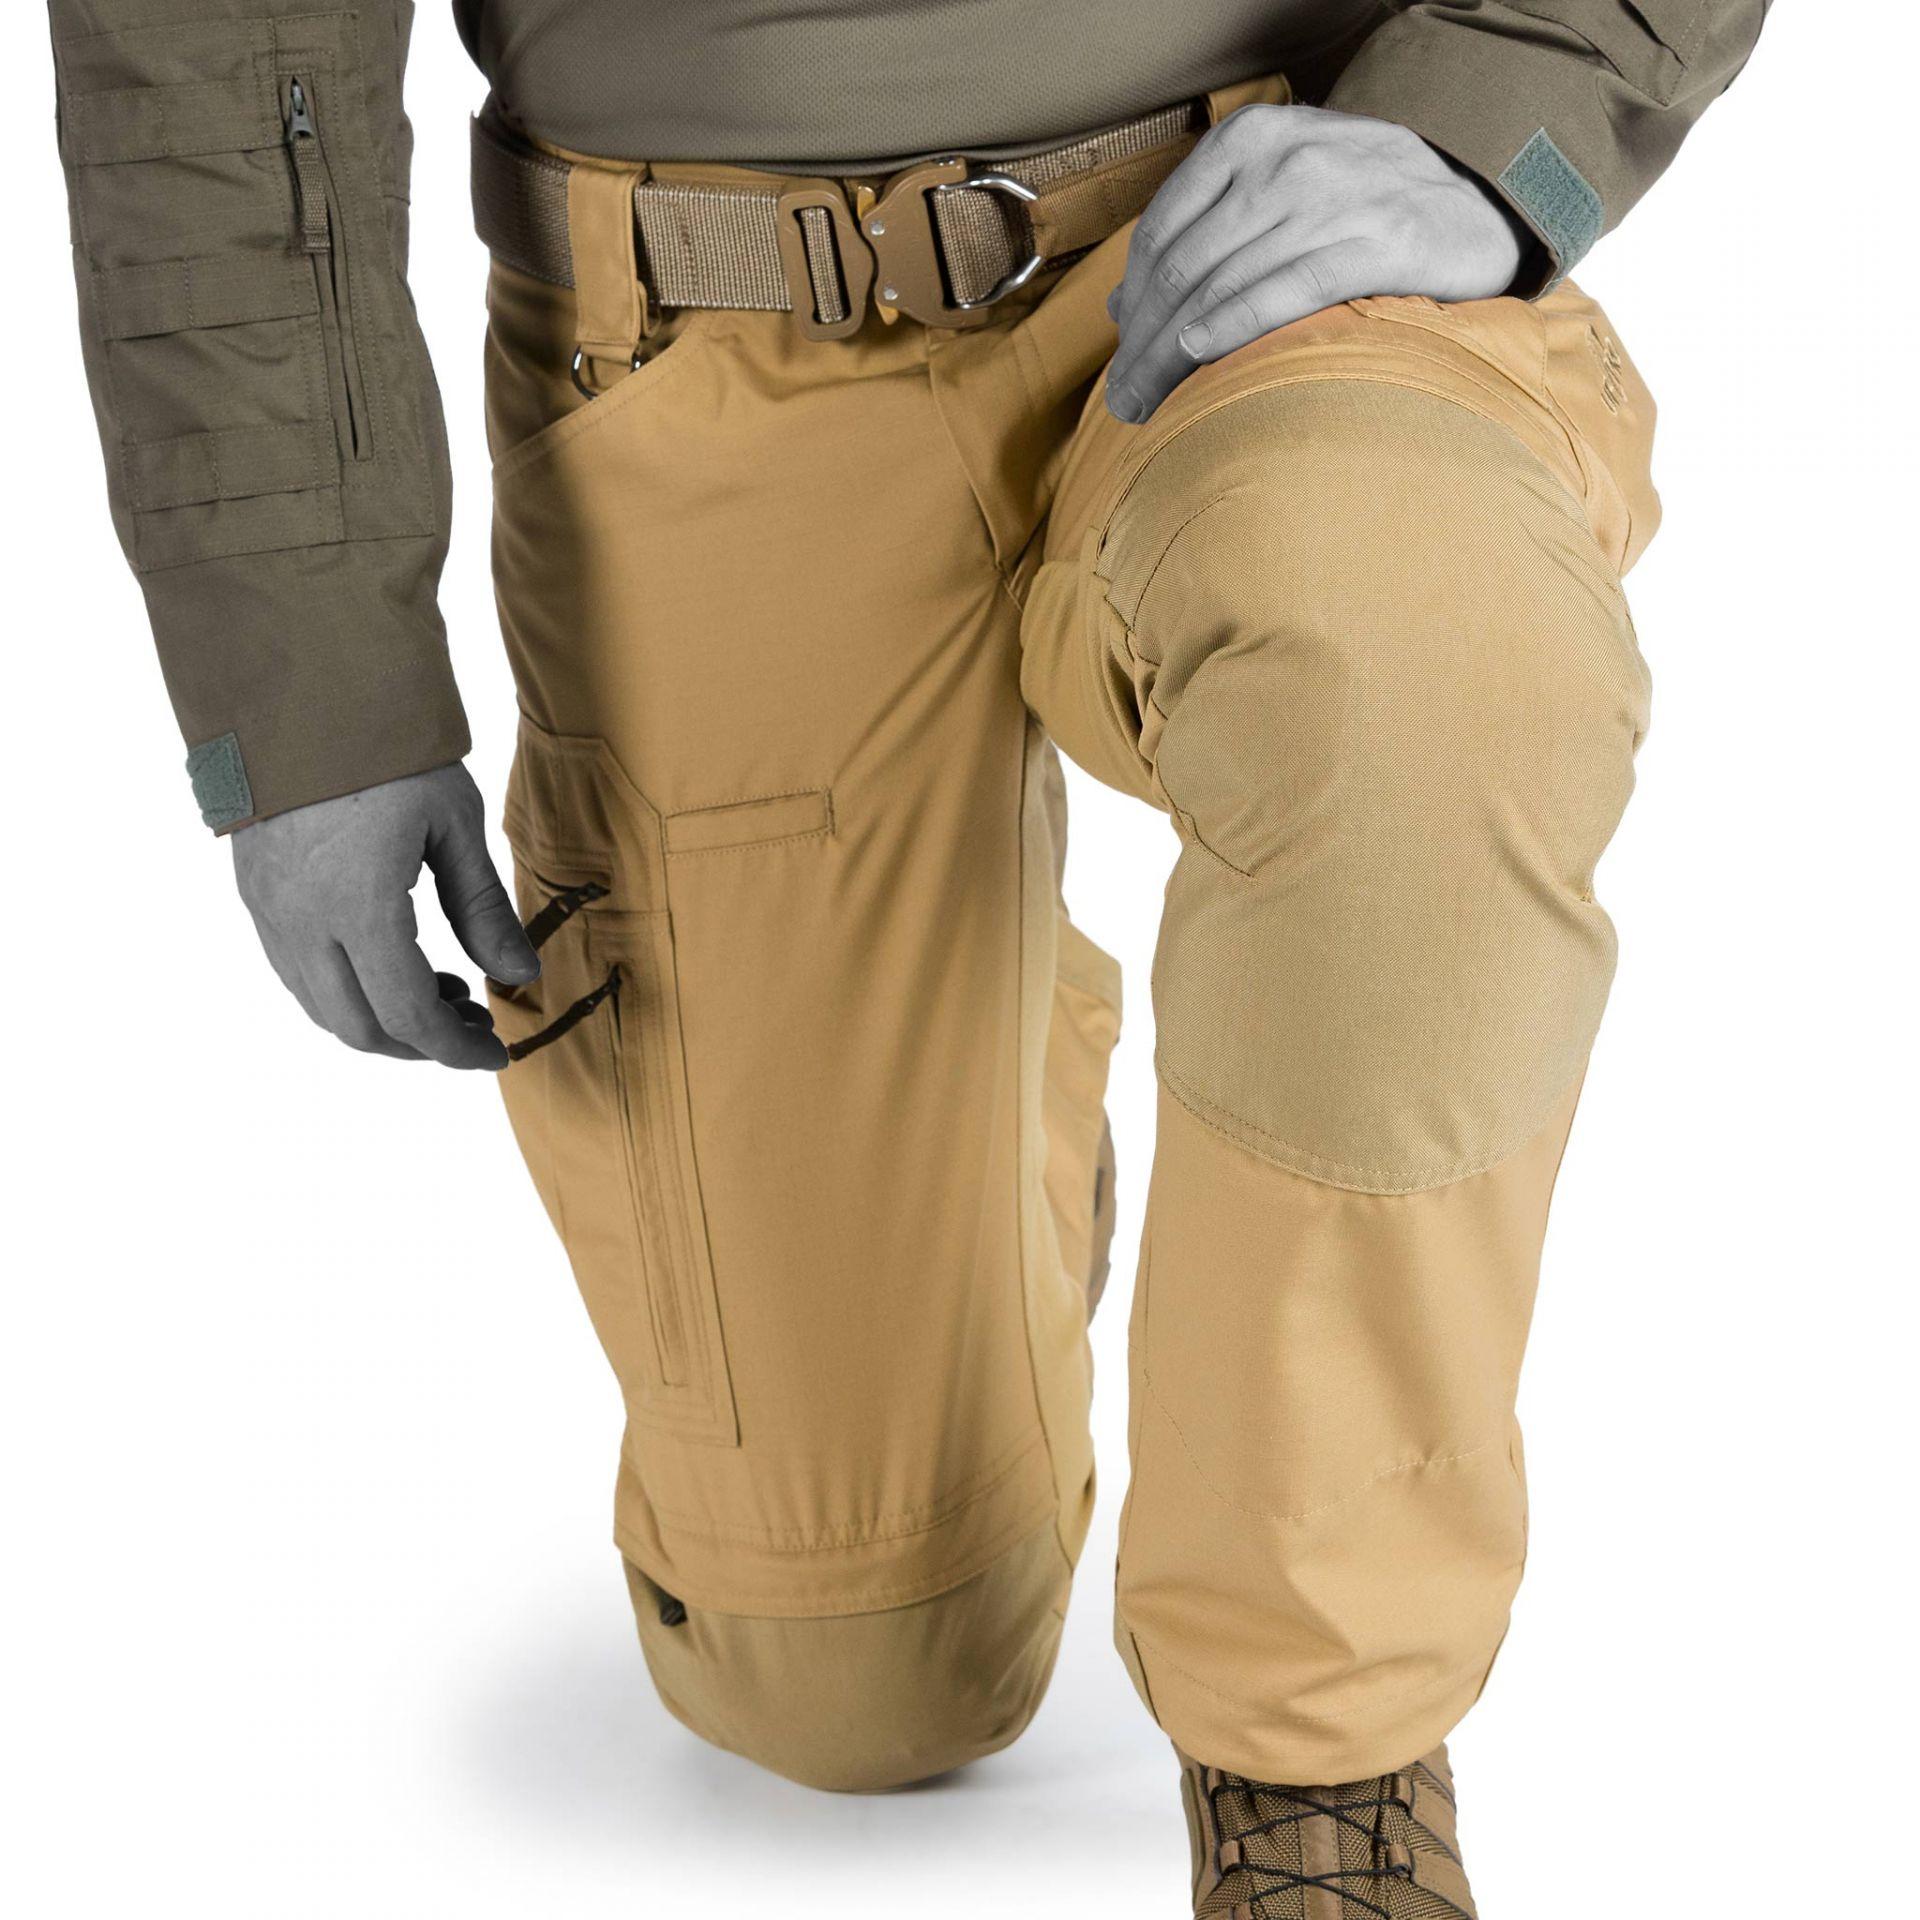 94bdf659fc P-40 All-Terrain Tactical Pants